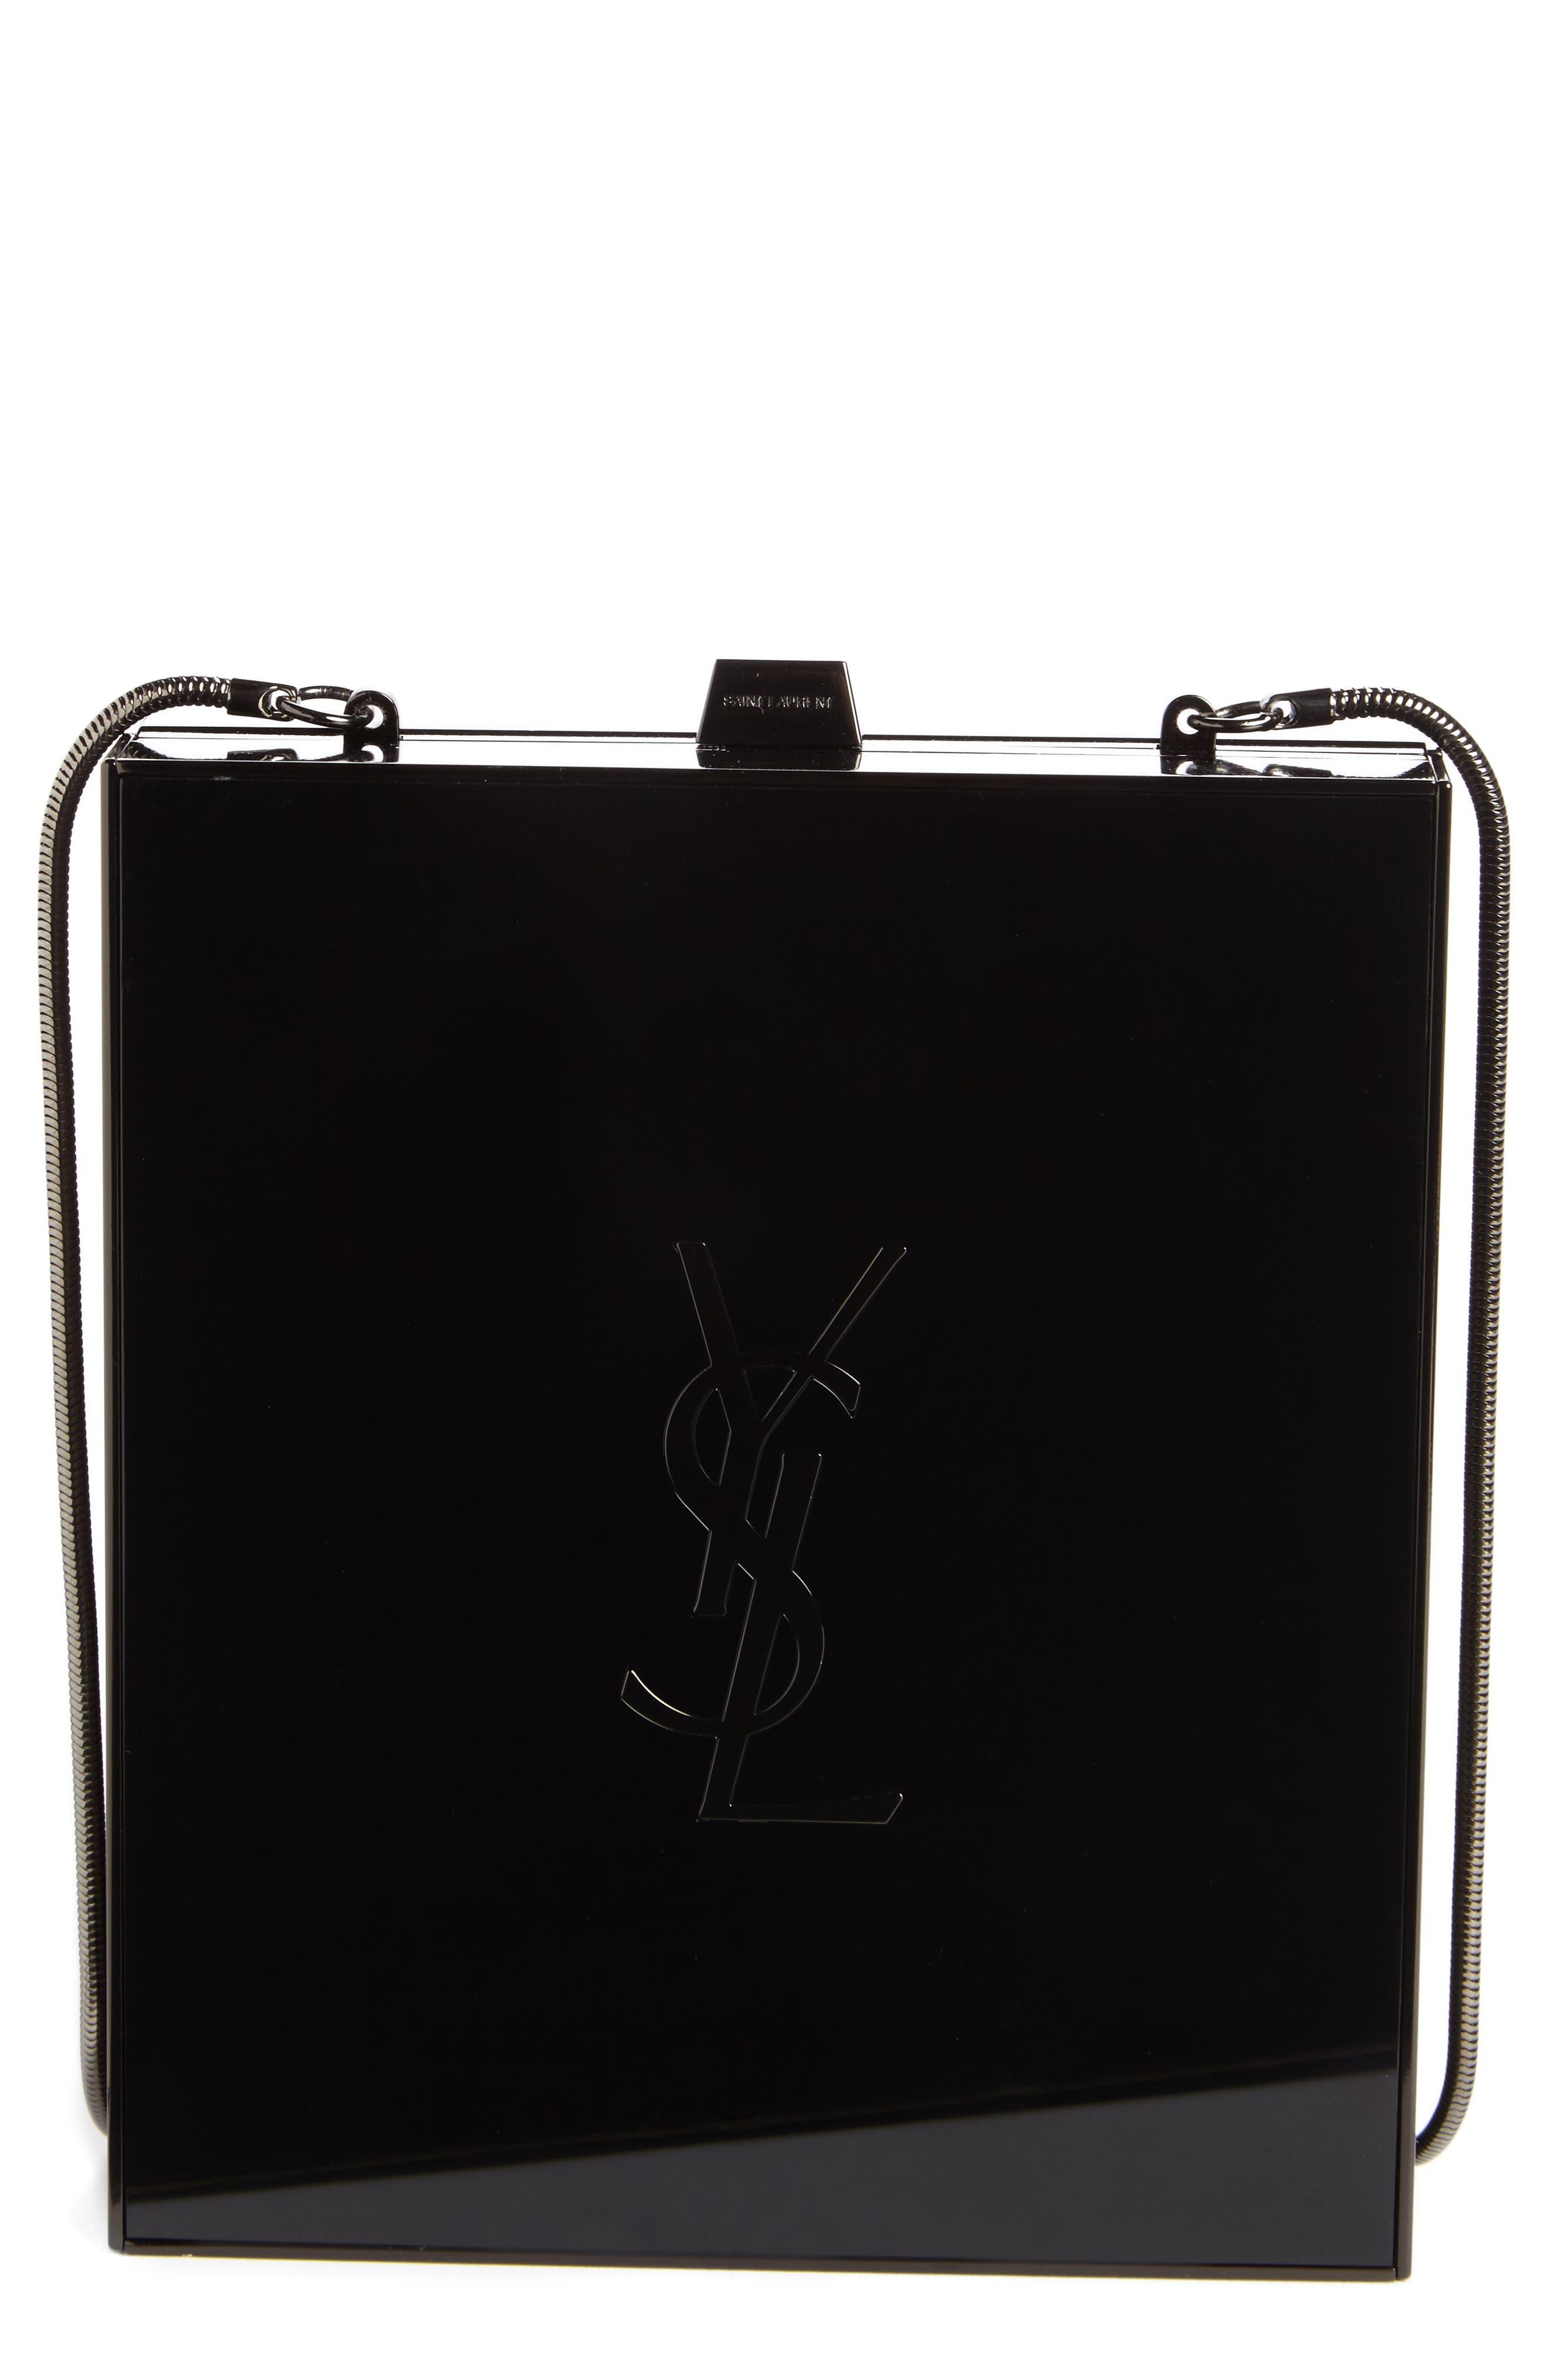 SAINT LAURENT,                             Tuxedo Plexiglass Clutch,                             Main thumbnail 1, color,                             NOIR/ BLK MATTE